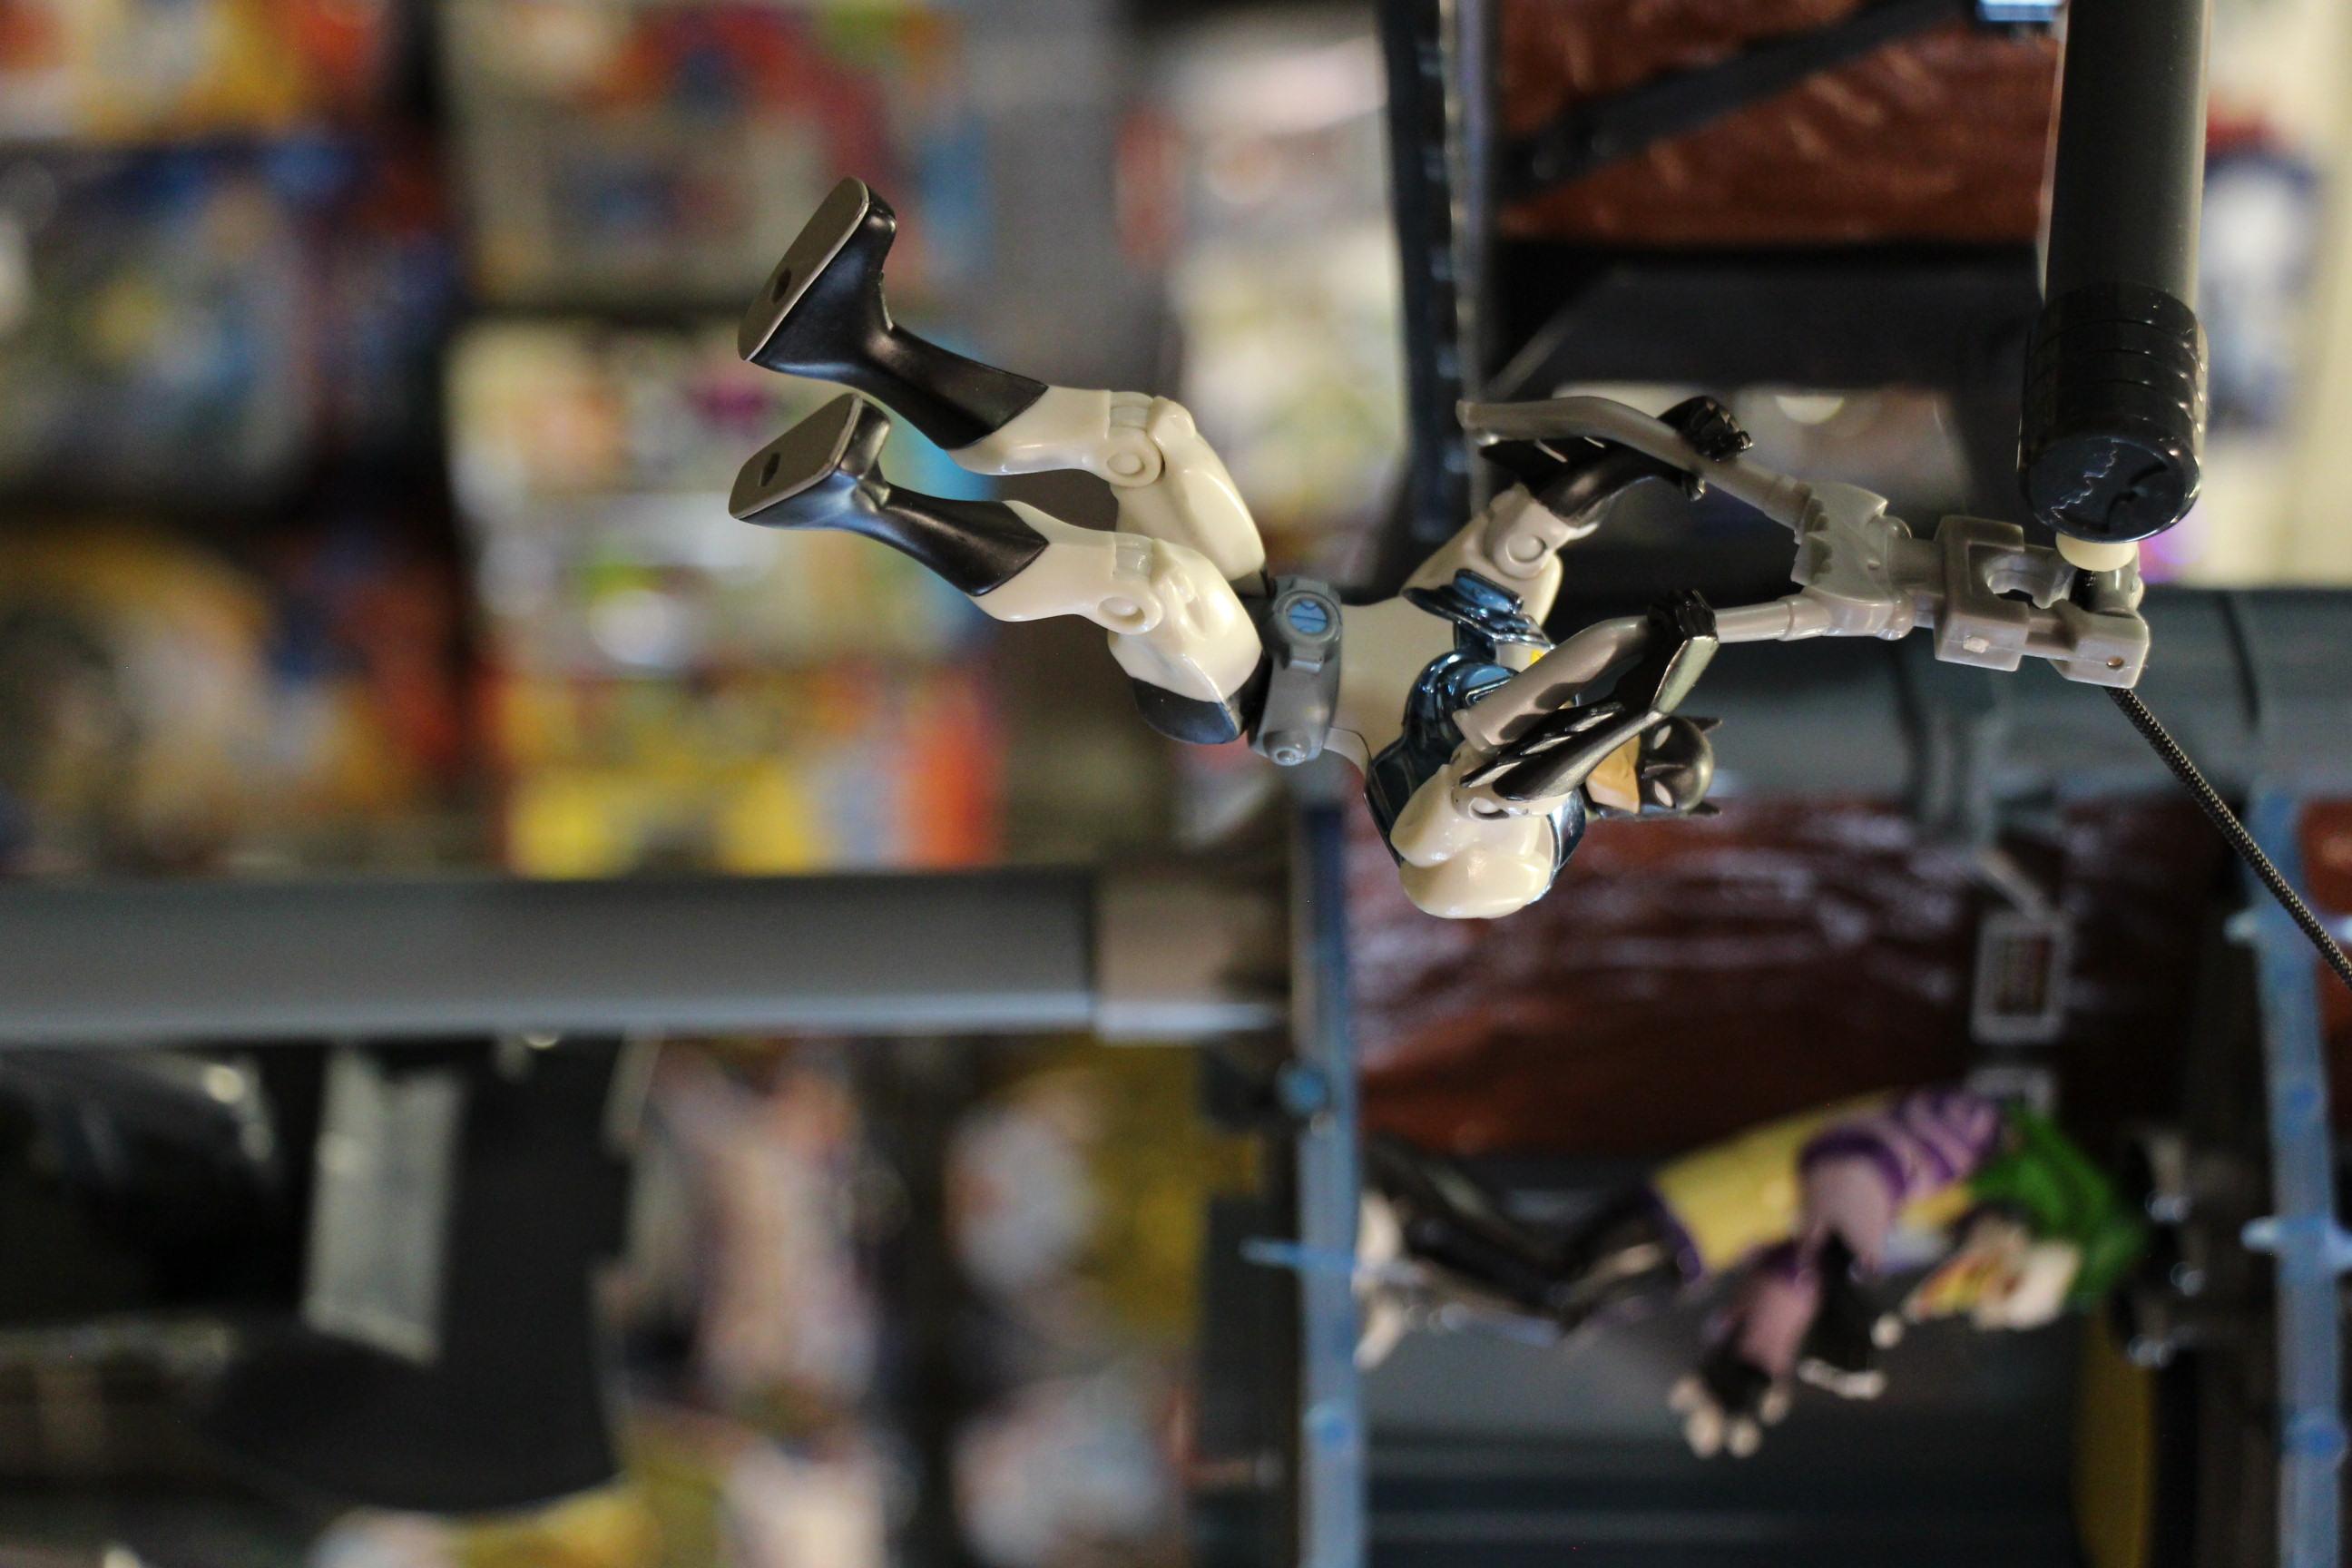 Batman gliding! Action Figure Store